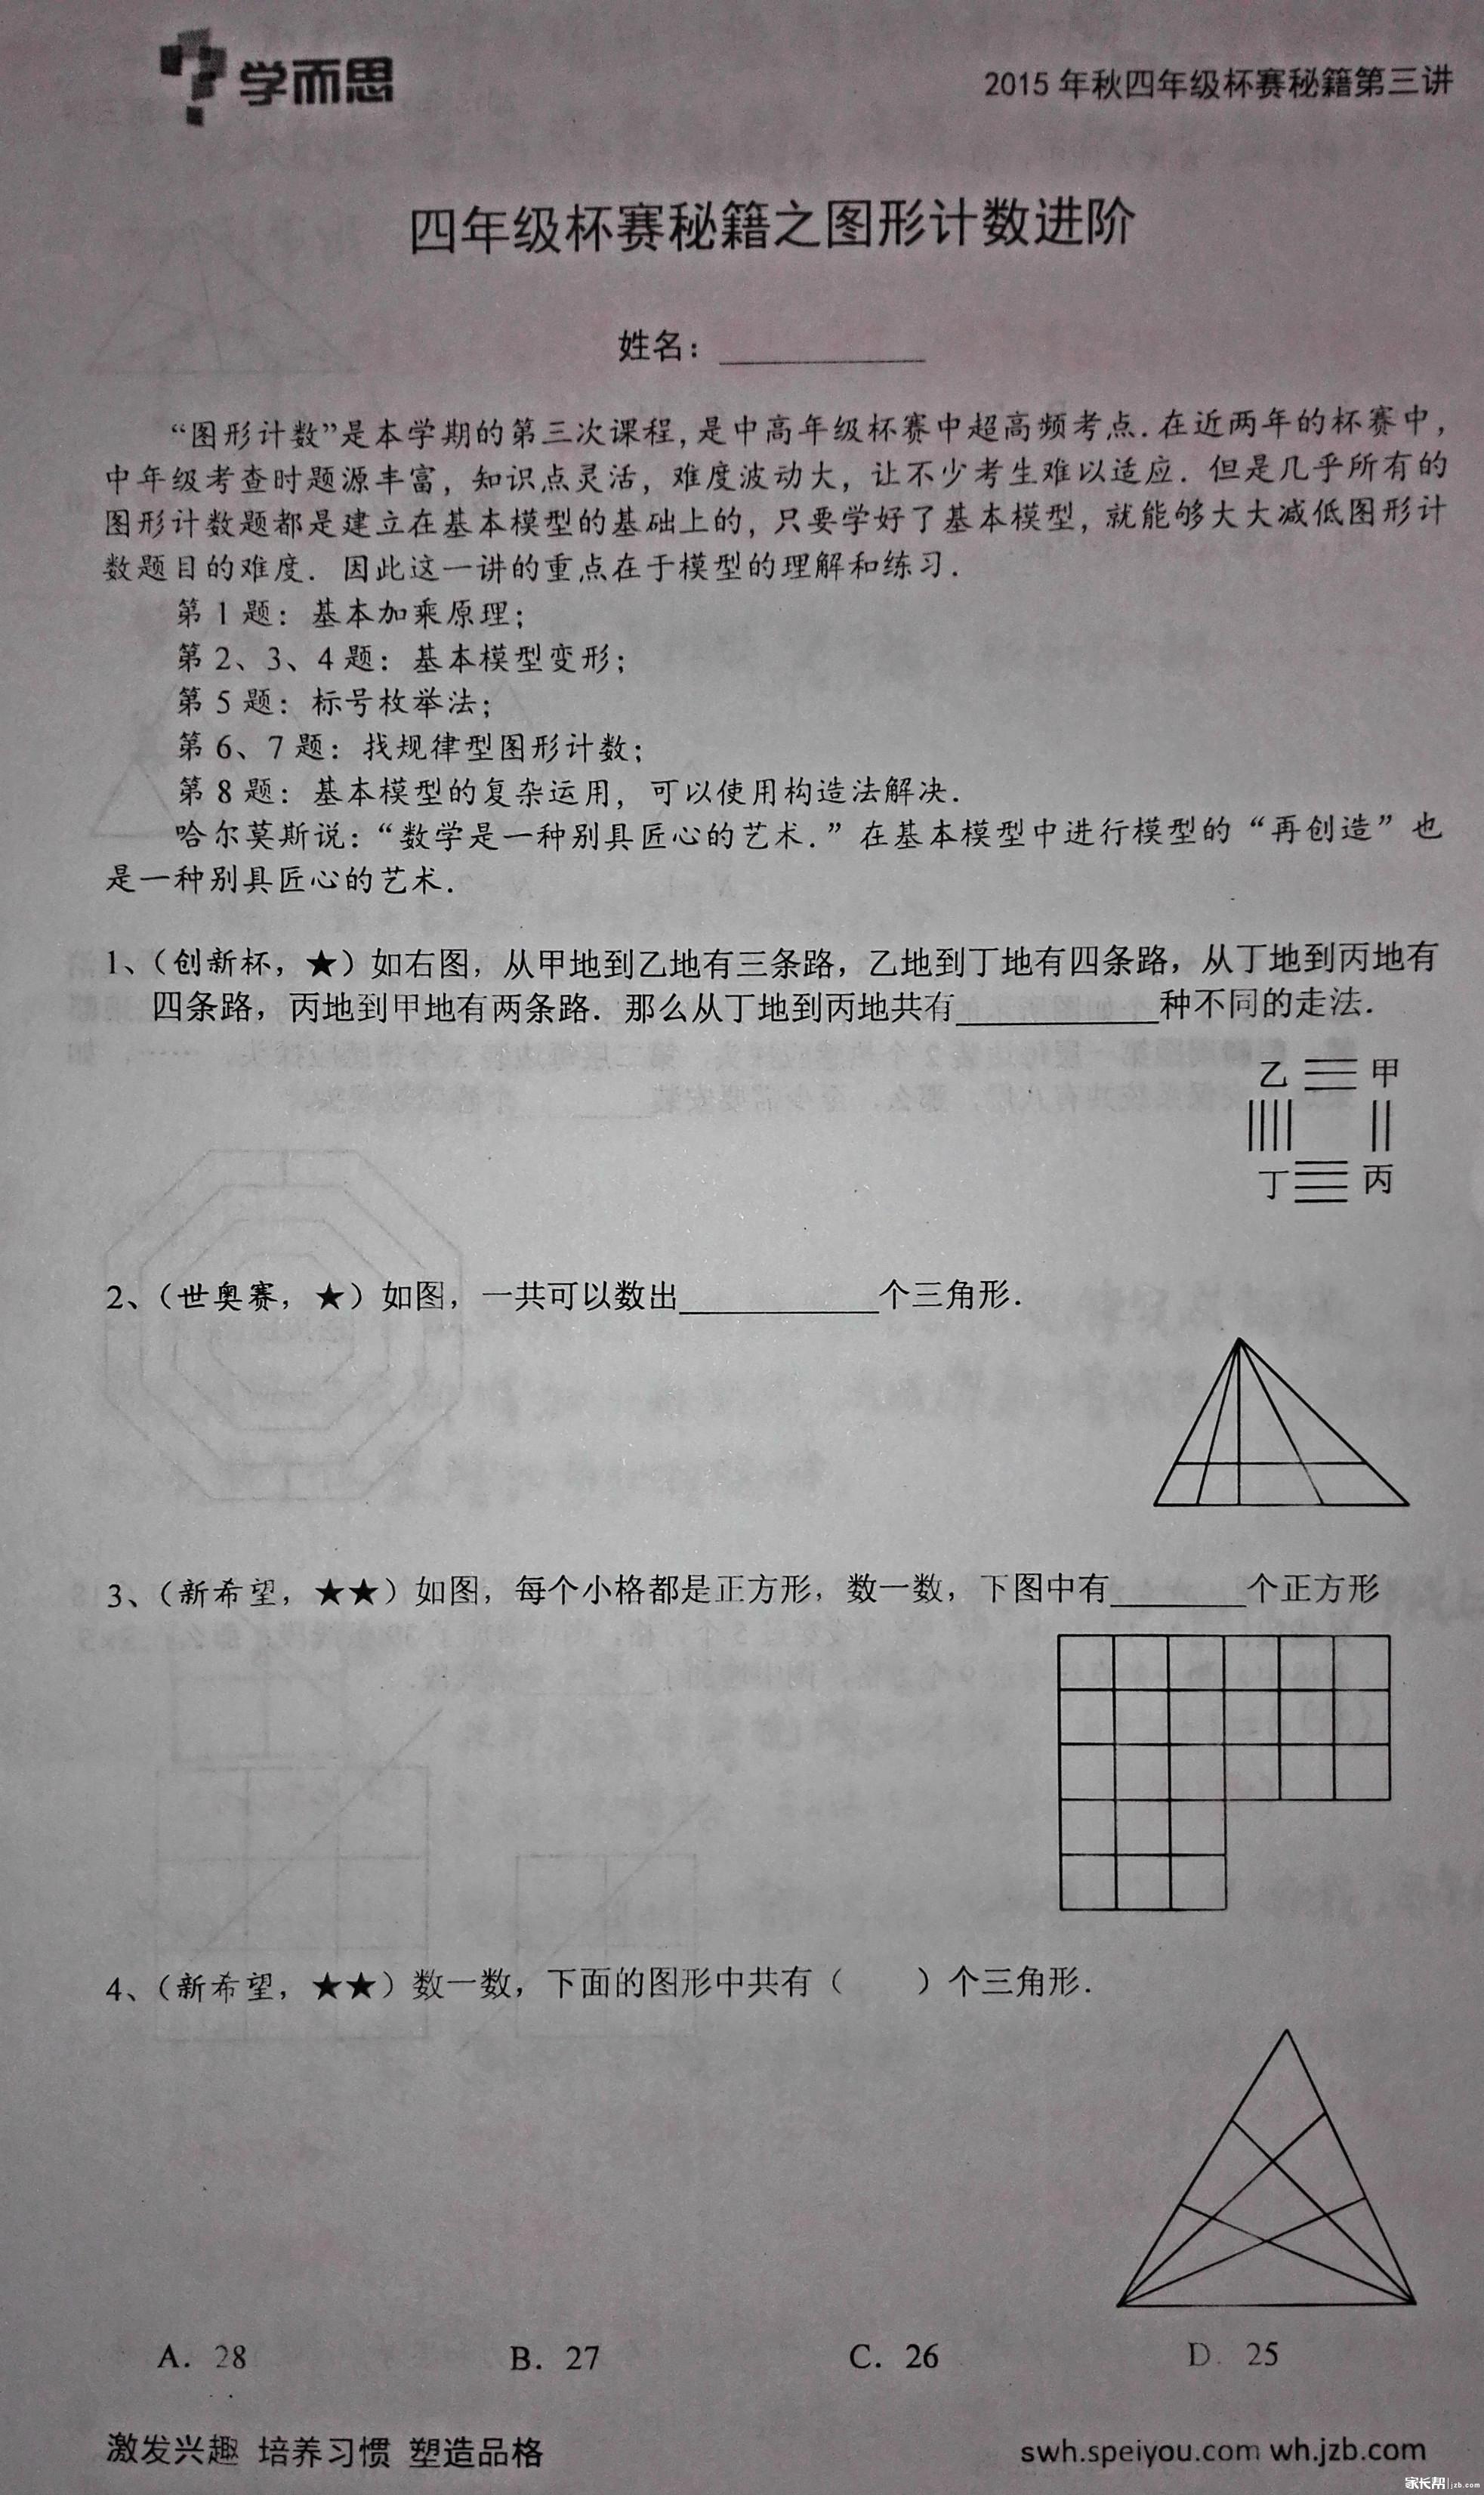 第三讲试题1.jpg